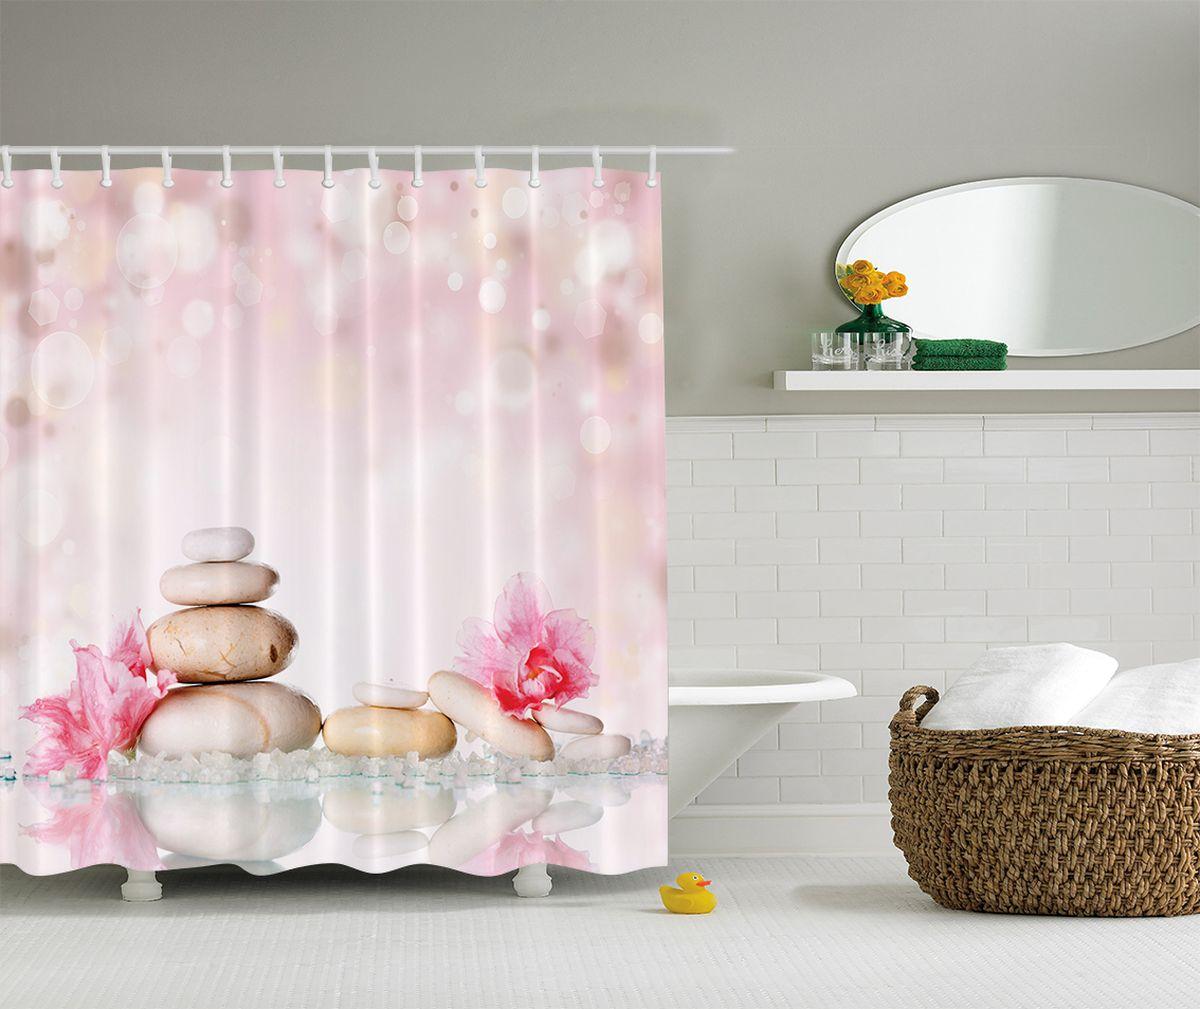 Штора для ванной комнаты Magic Lady Композиция, 180 х 200 см42385Штора для ванной комнаты Magic Lady Композиция выполнена из высококачественного сатена (полиэстер 100%). При изготовлении используются специальные гипоаллергенные чернила. Оригинальный дизайн и цветовая гамма привлекут к себе внимание. Изделие хорошо пропускает свет и быстро высыхает. Такая штора прекрасно впишется в любой интерьер ванной комнаты и идеально защитит от брызг.